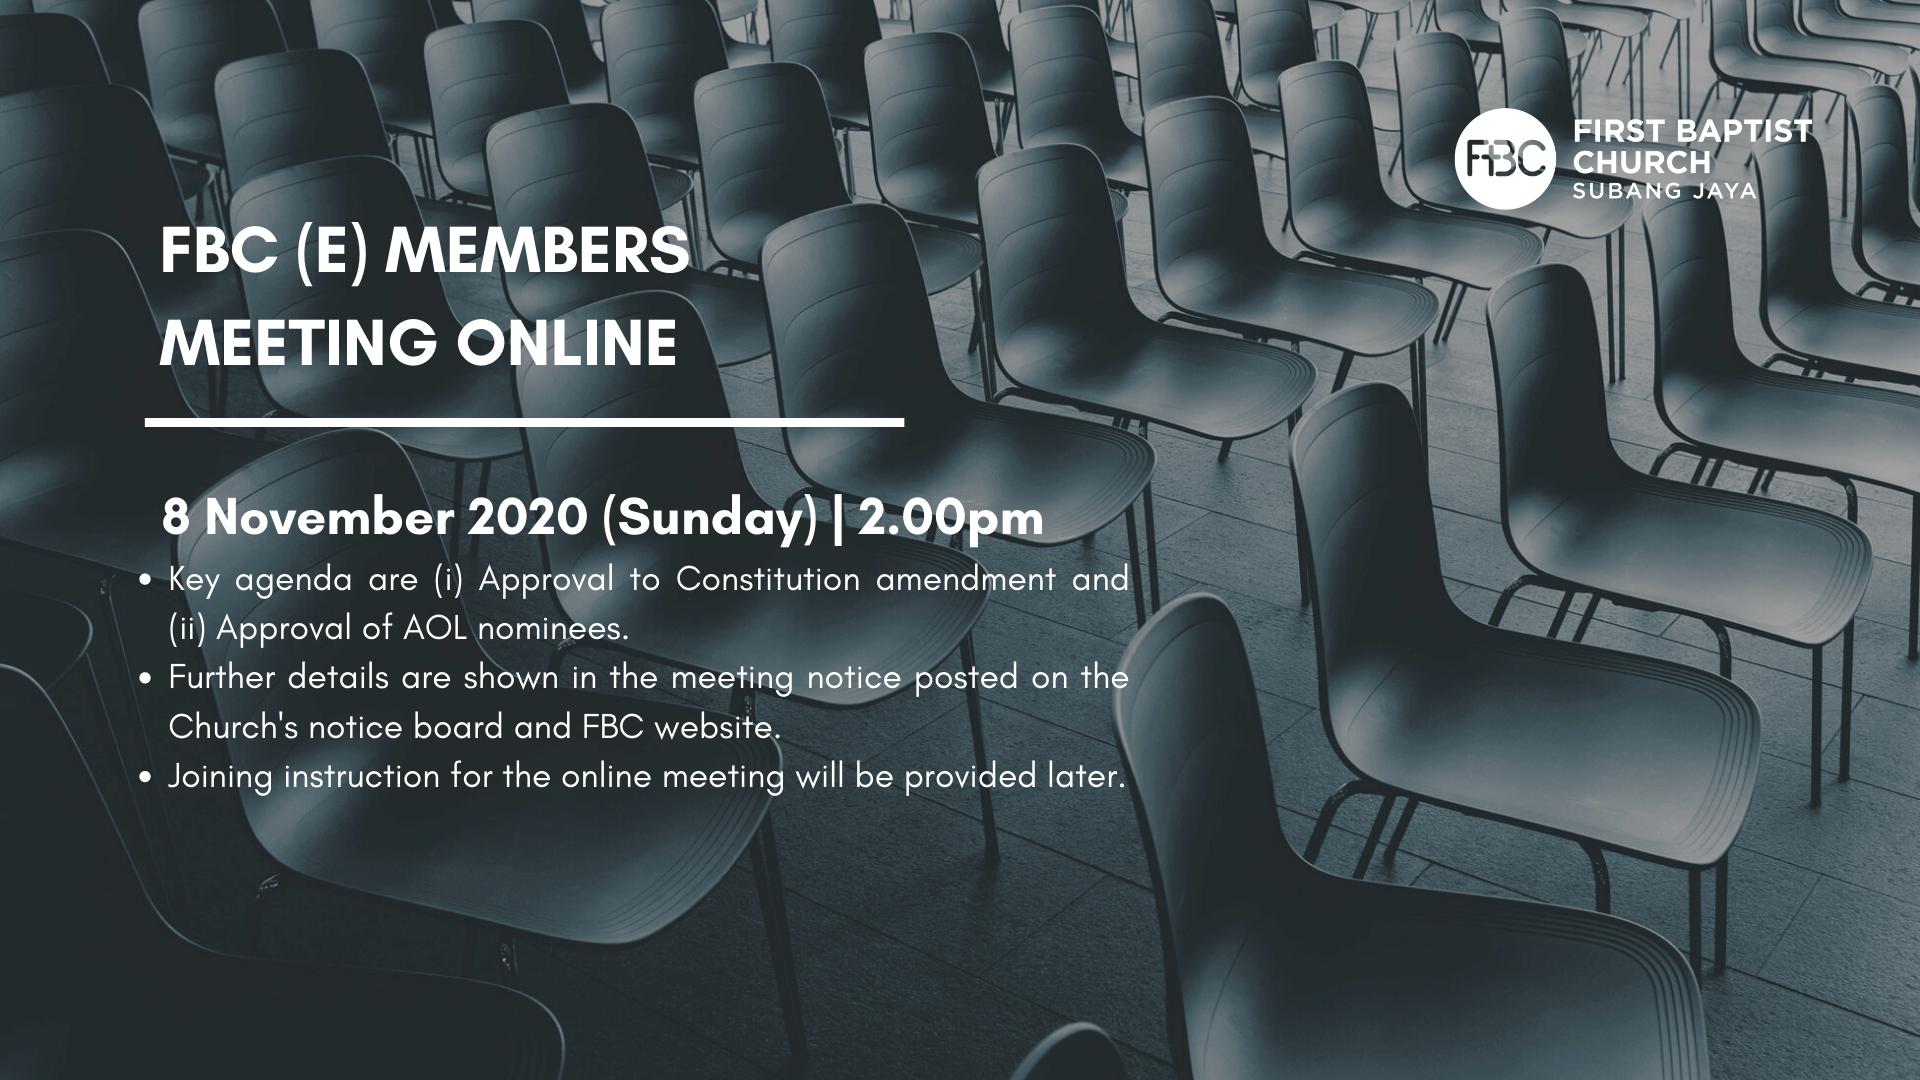 FBC-E-Online-Meeting-8-Nov